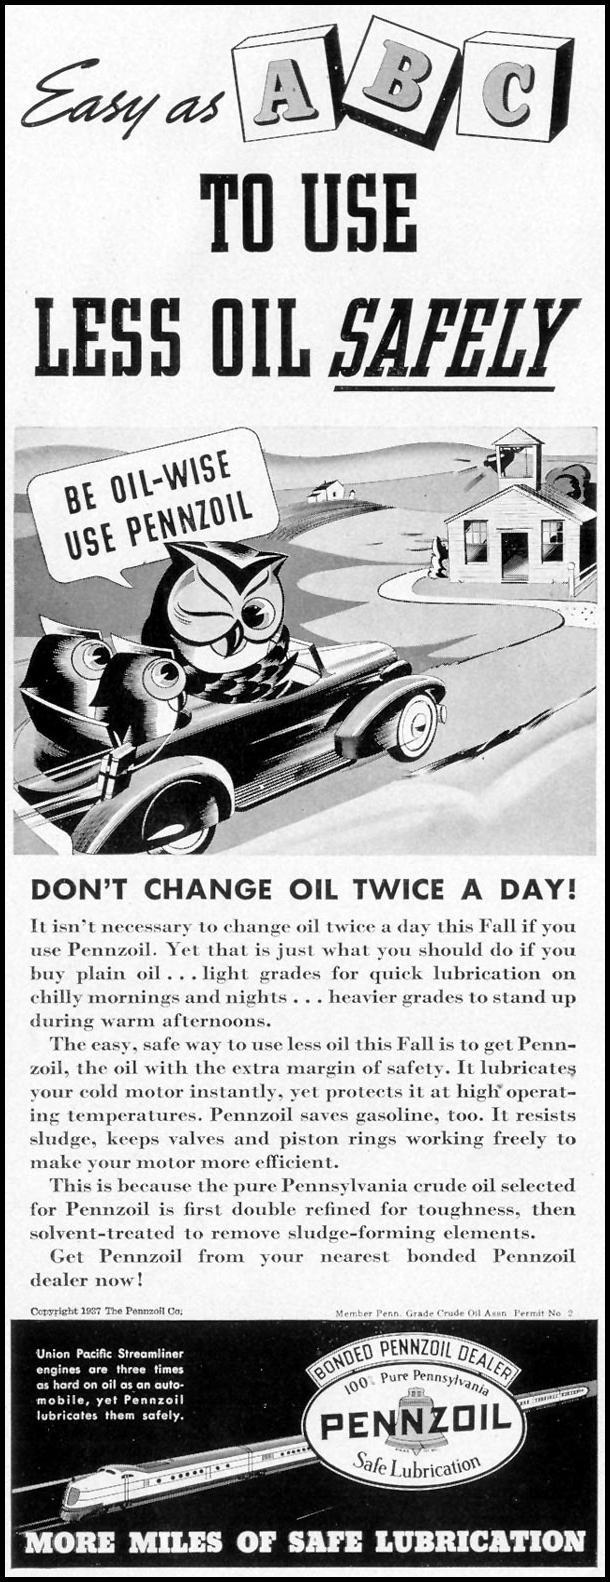 PENNZOIL MOTOR OIL LIFE 09/06/1937 p. 96